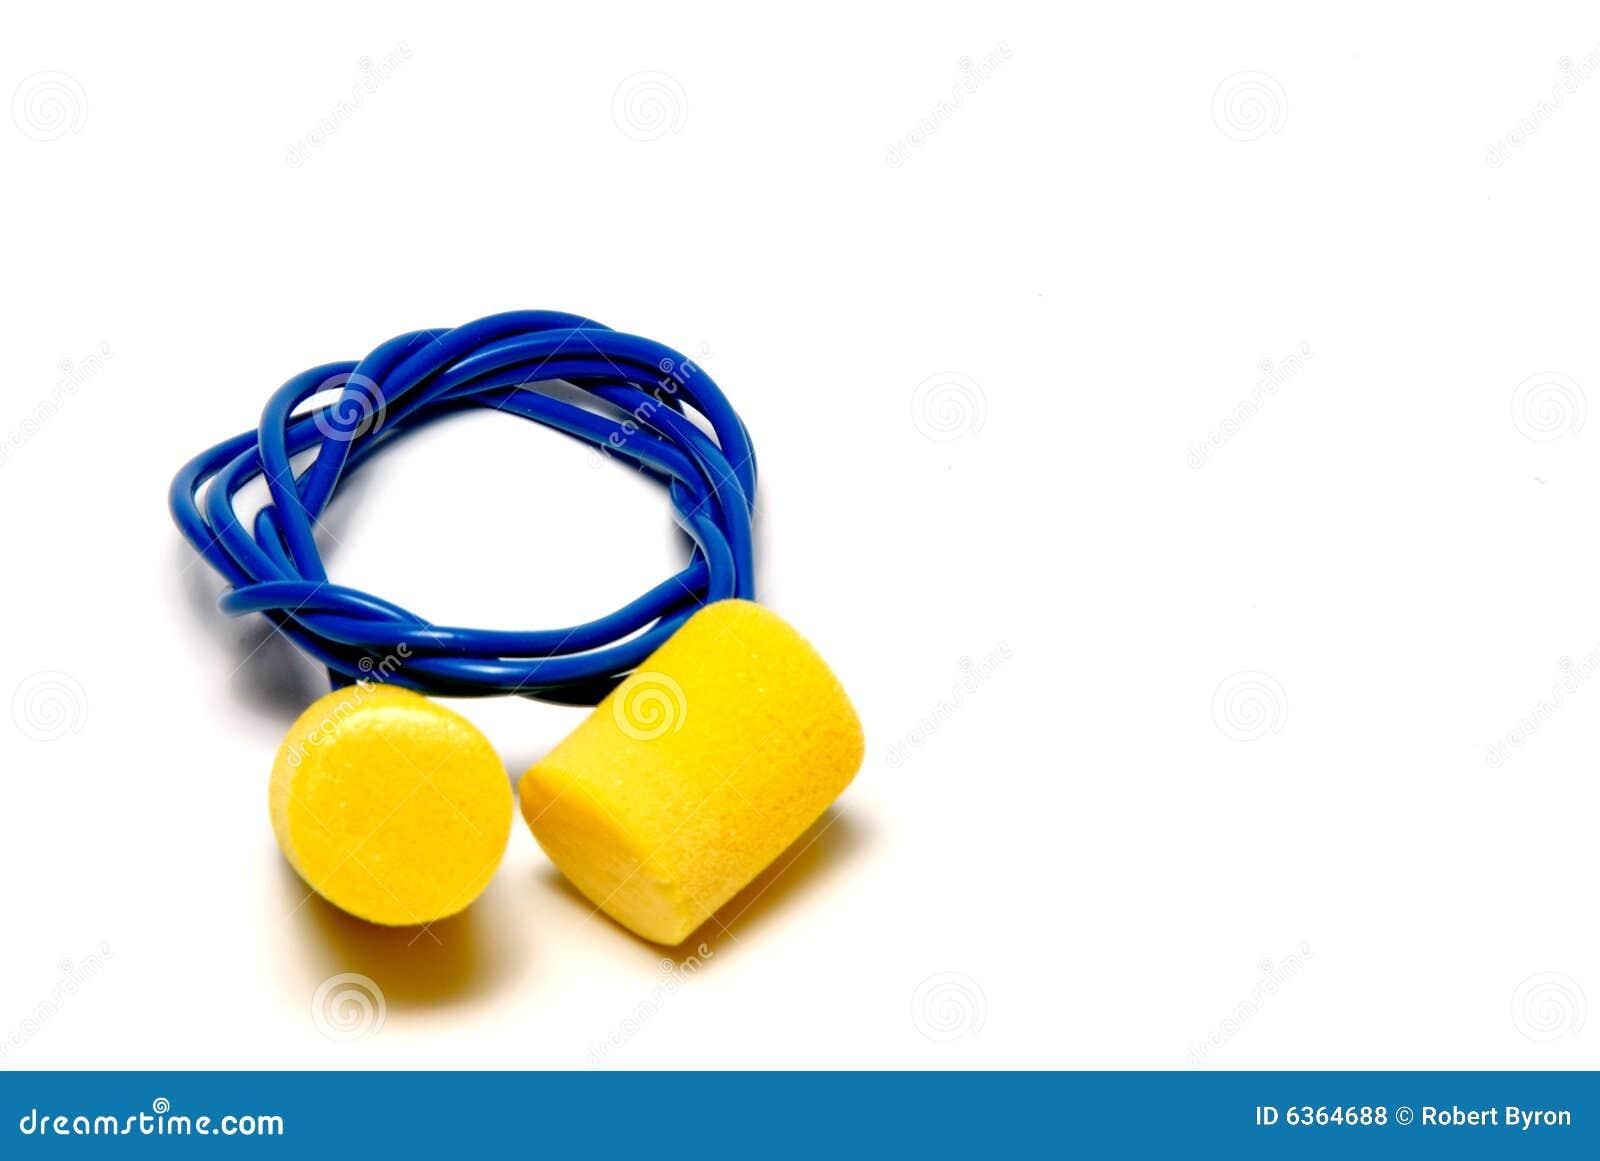 Штепсельные вилки уха